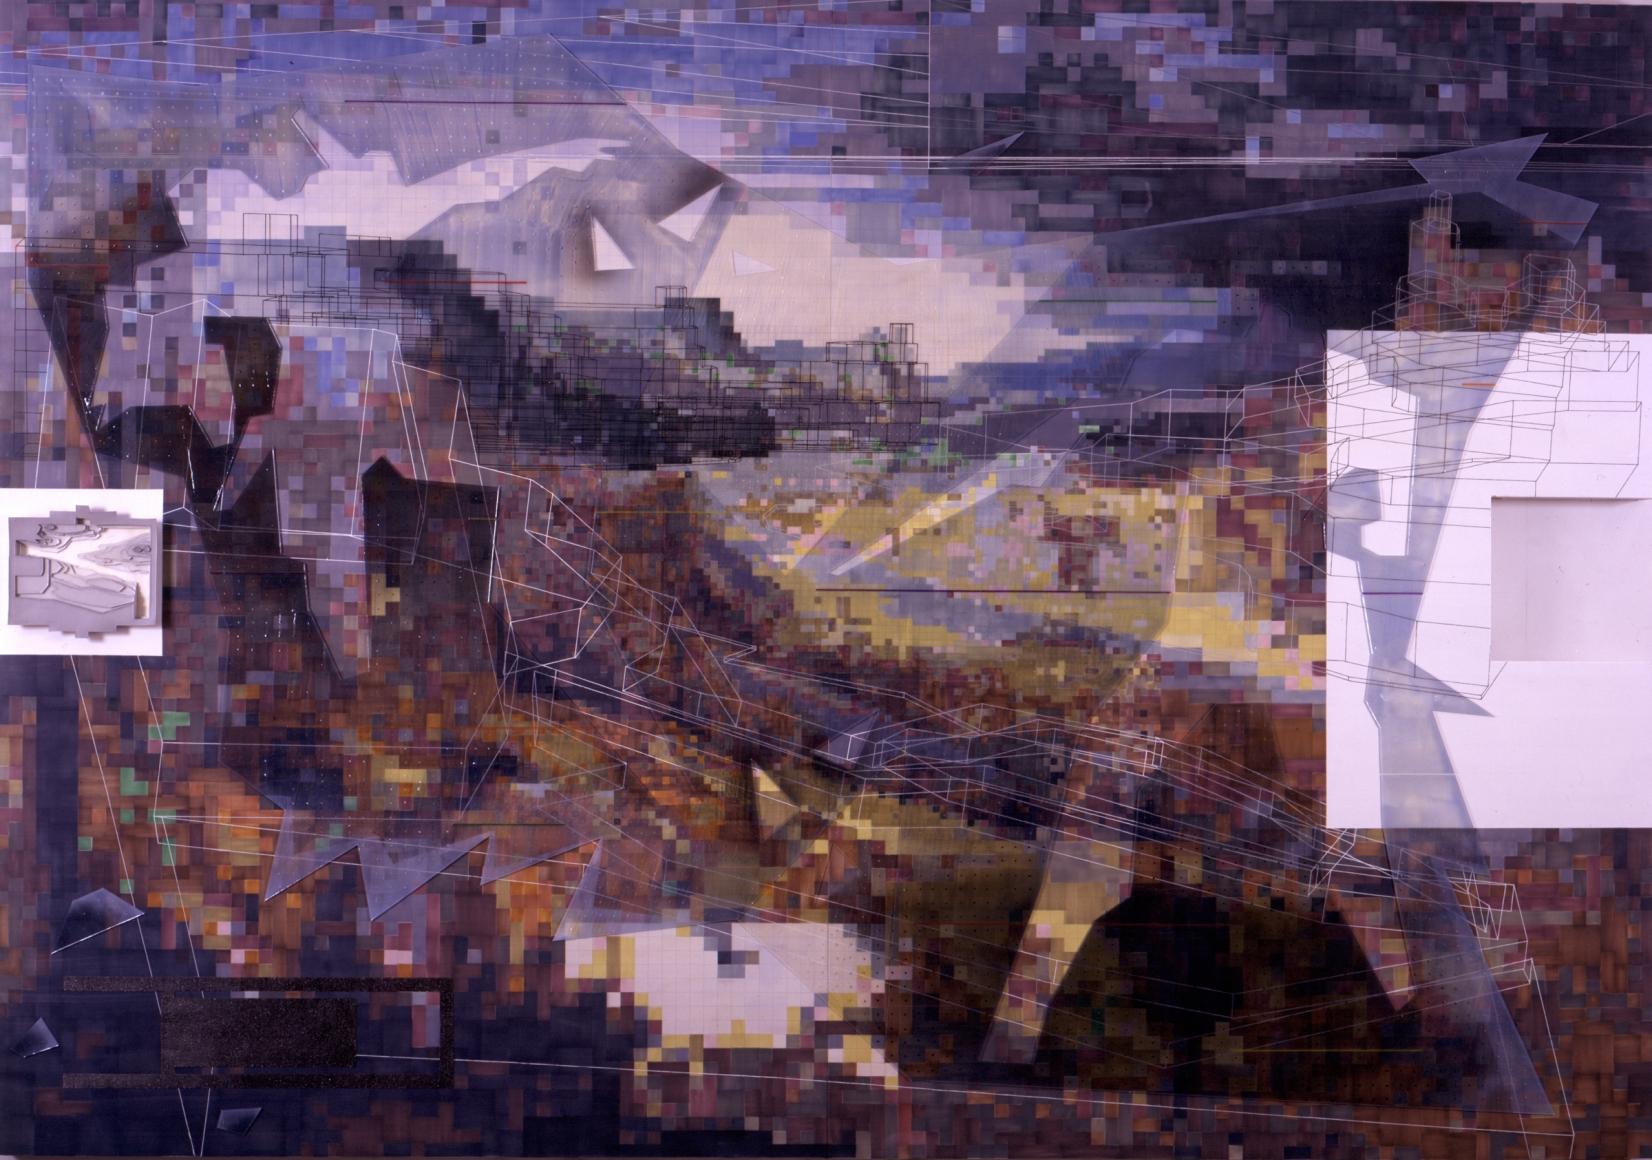 PEDRO BARBEITO, Skirmish in the Mountains, 2001/2002